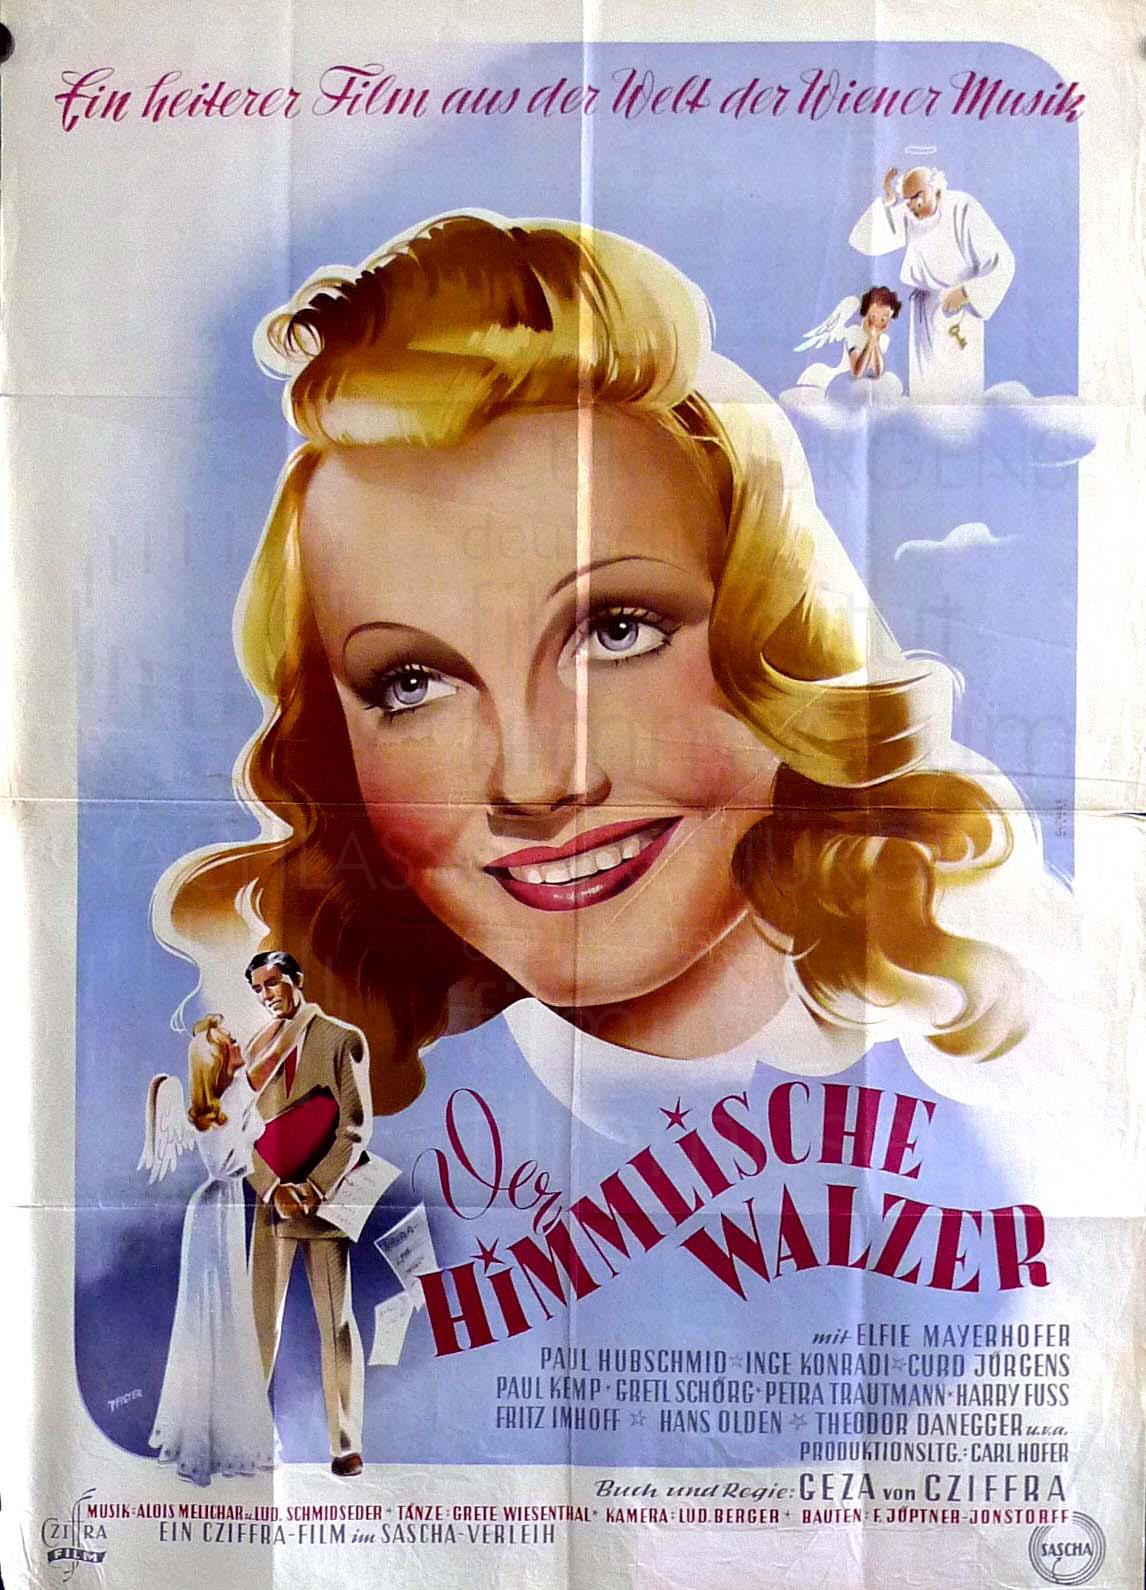 DER HIMMLISCHE WALZER (1948)